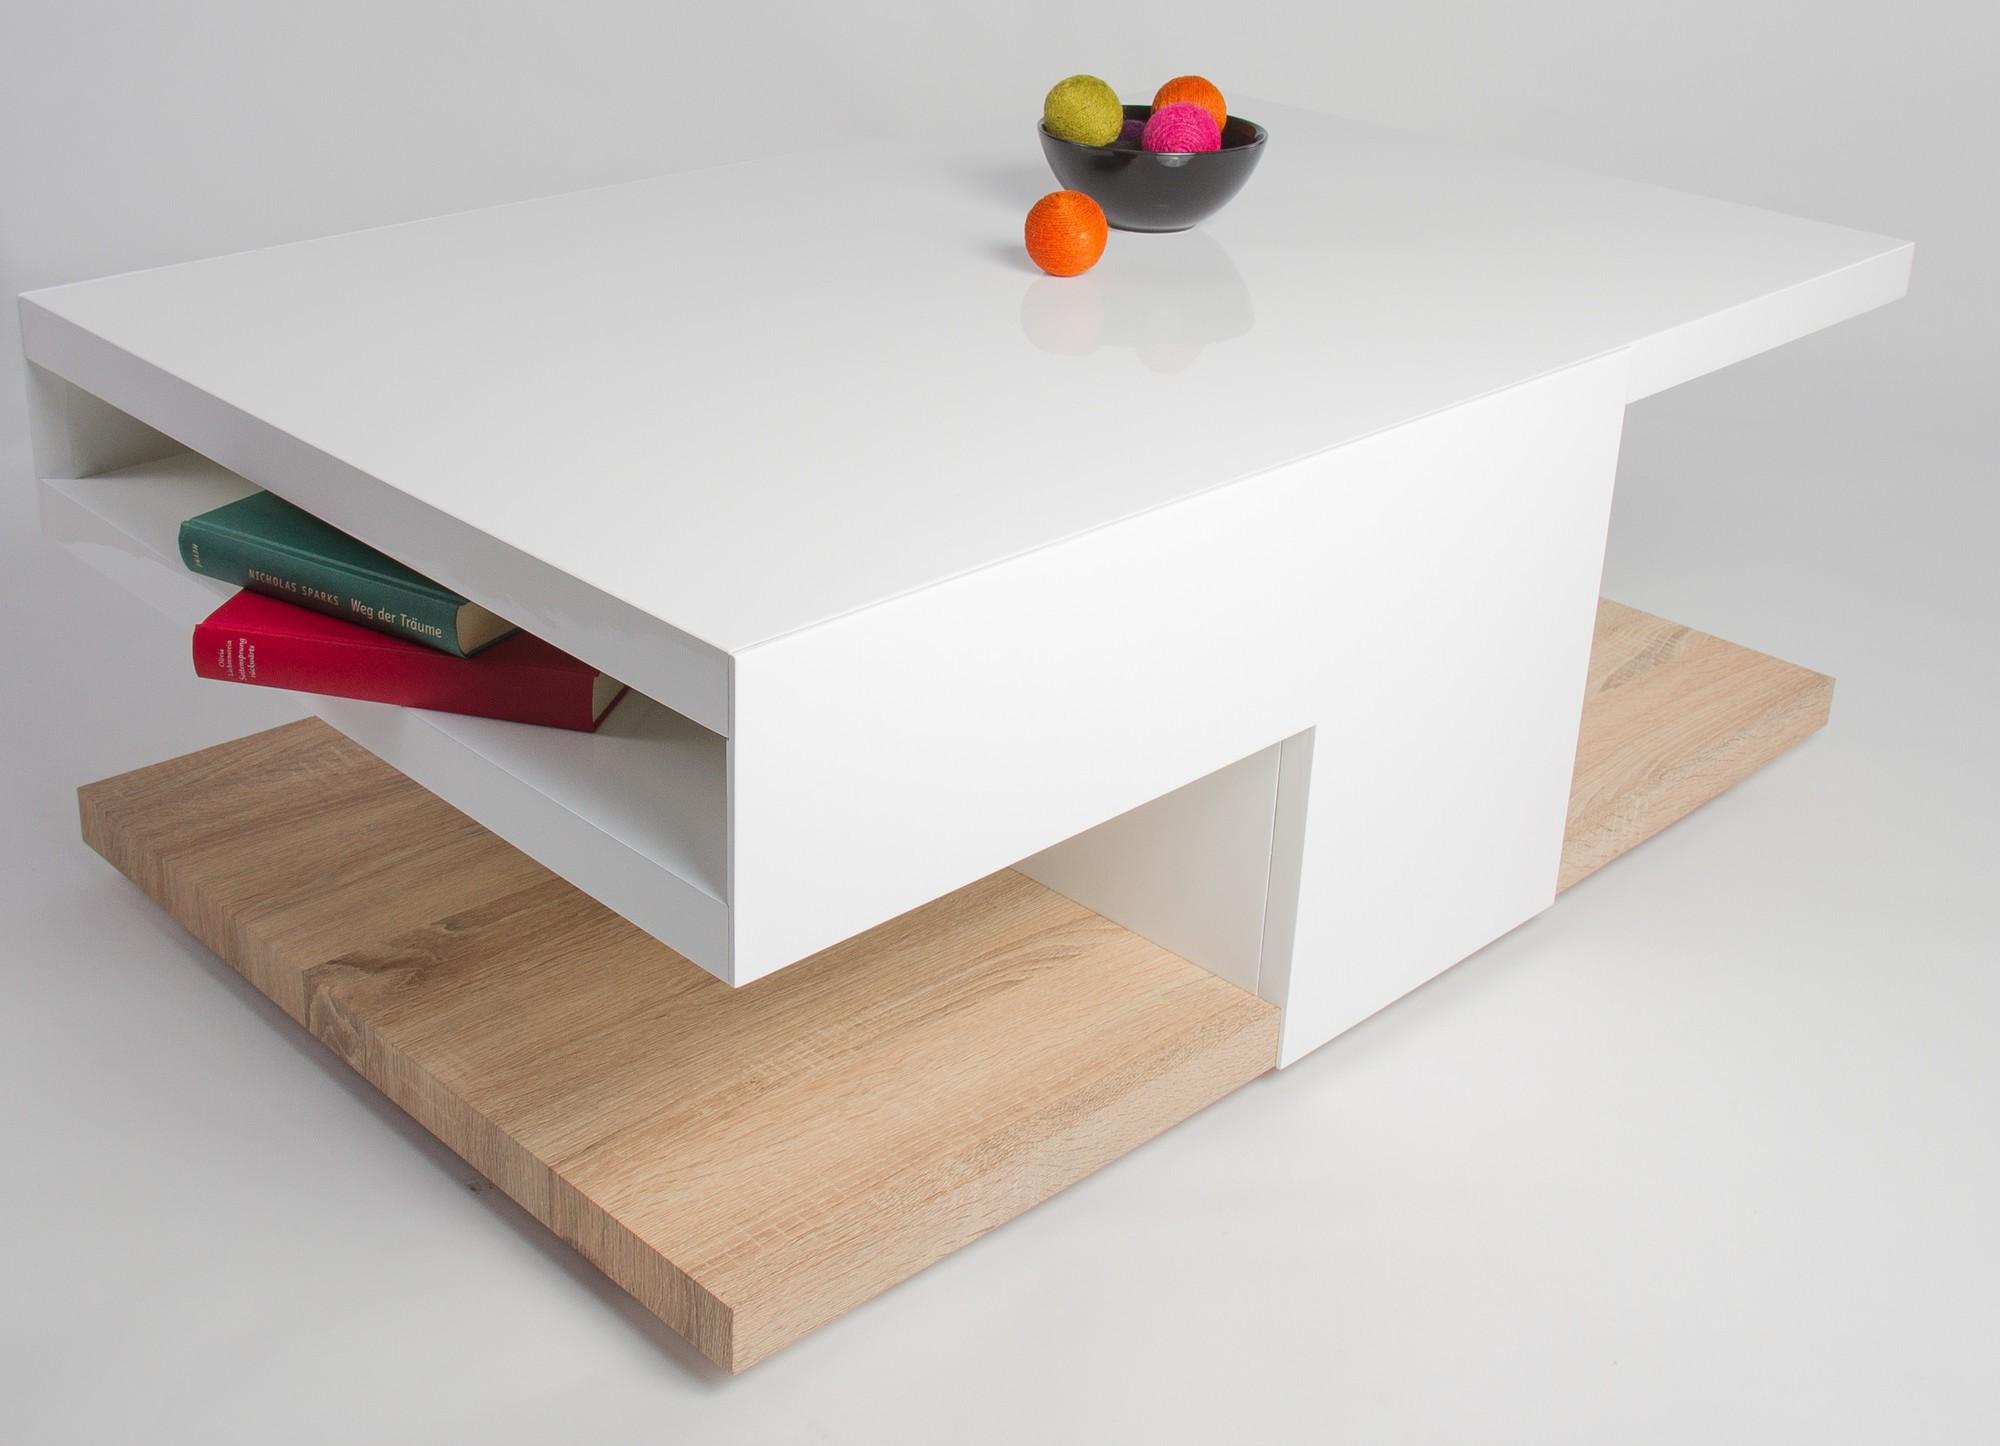 Table Idée Gigogne Maison Basse Déco Et Blanc De Mat XN0nw8OkP